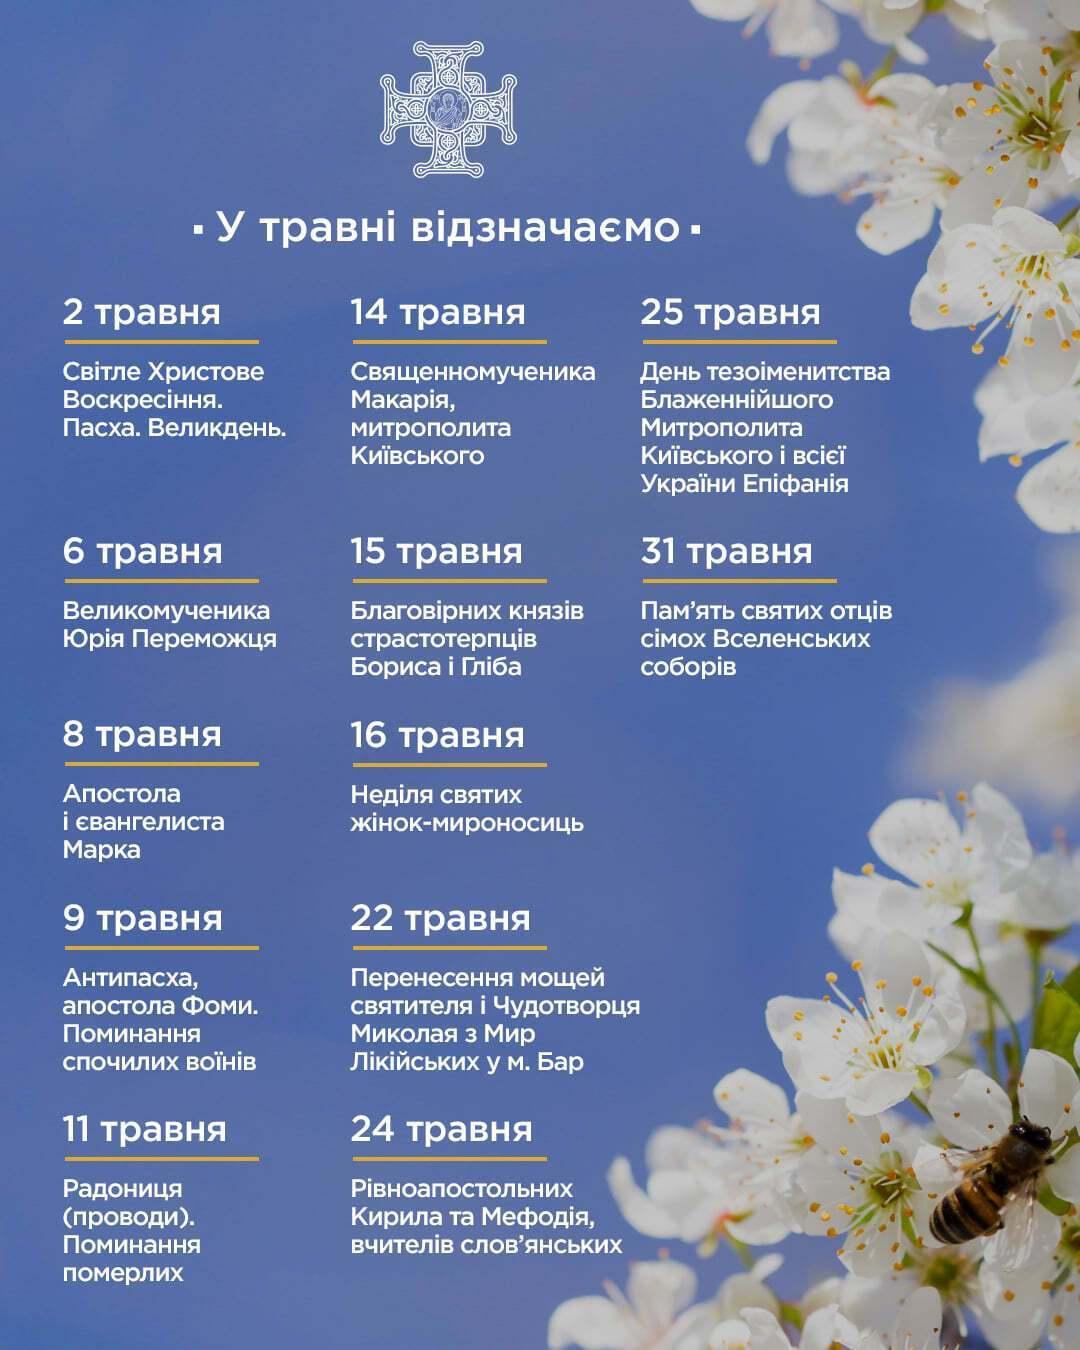 Календарь праздников на май 2021 года